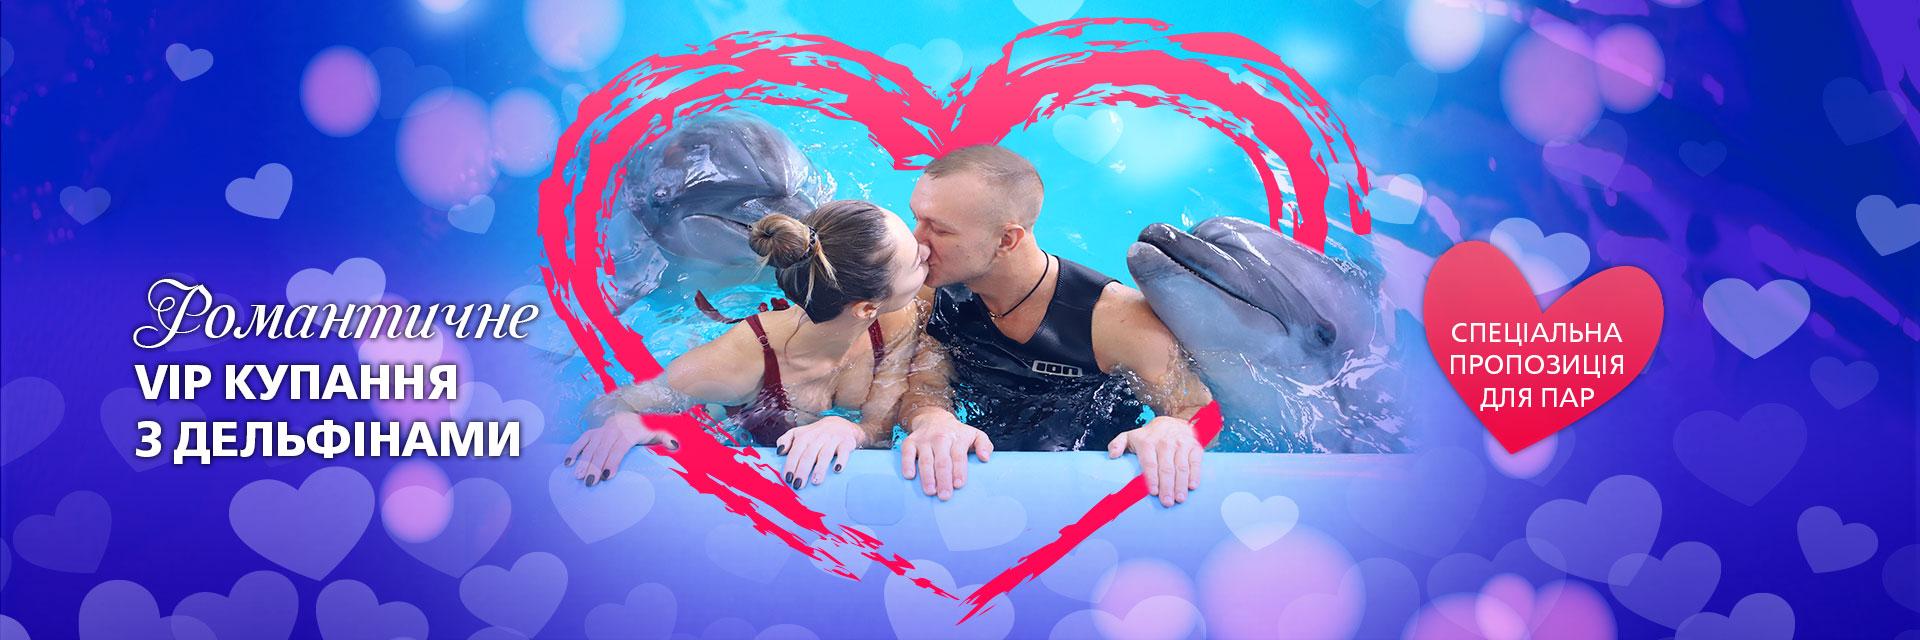 Романтическое VIP купание с дельфинами для пар в RESORT & SPA HOTEL NEMO, фото № 1